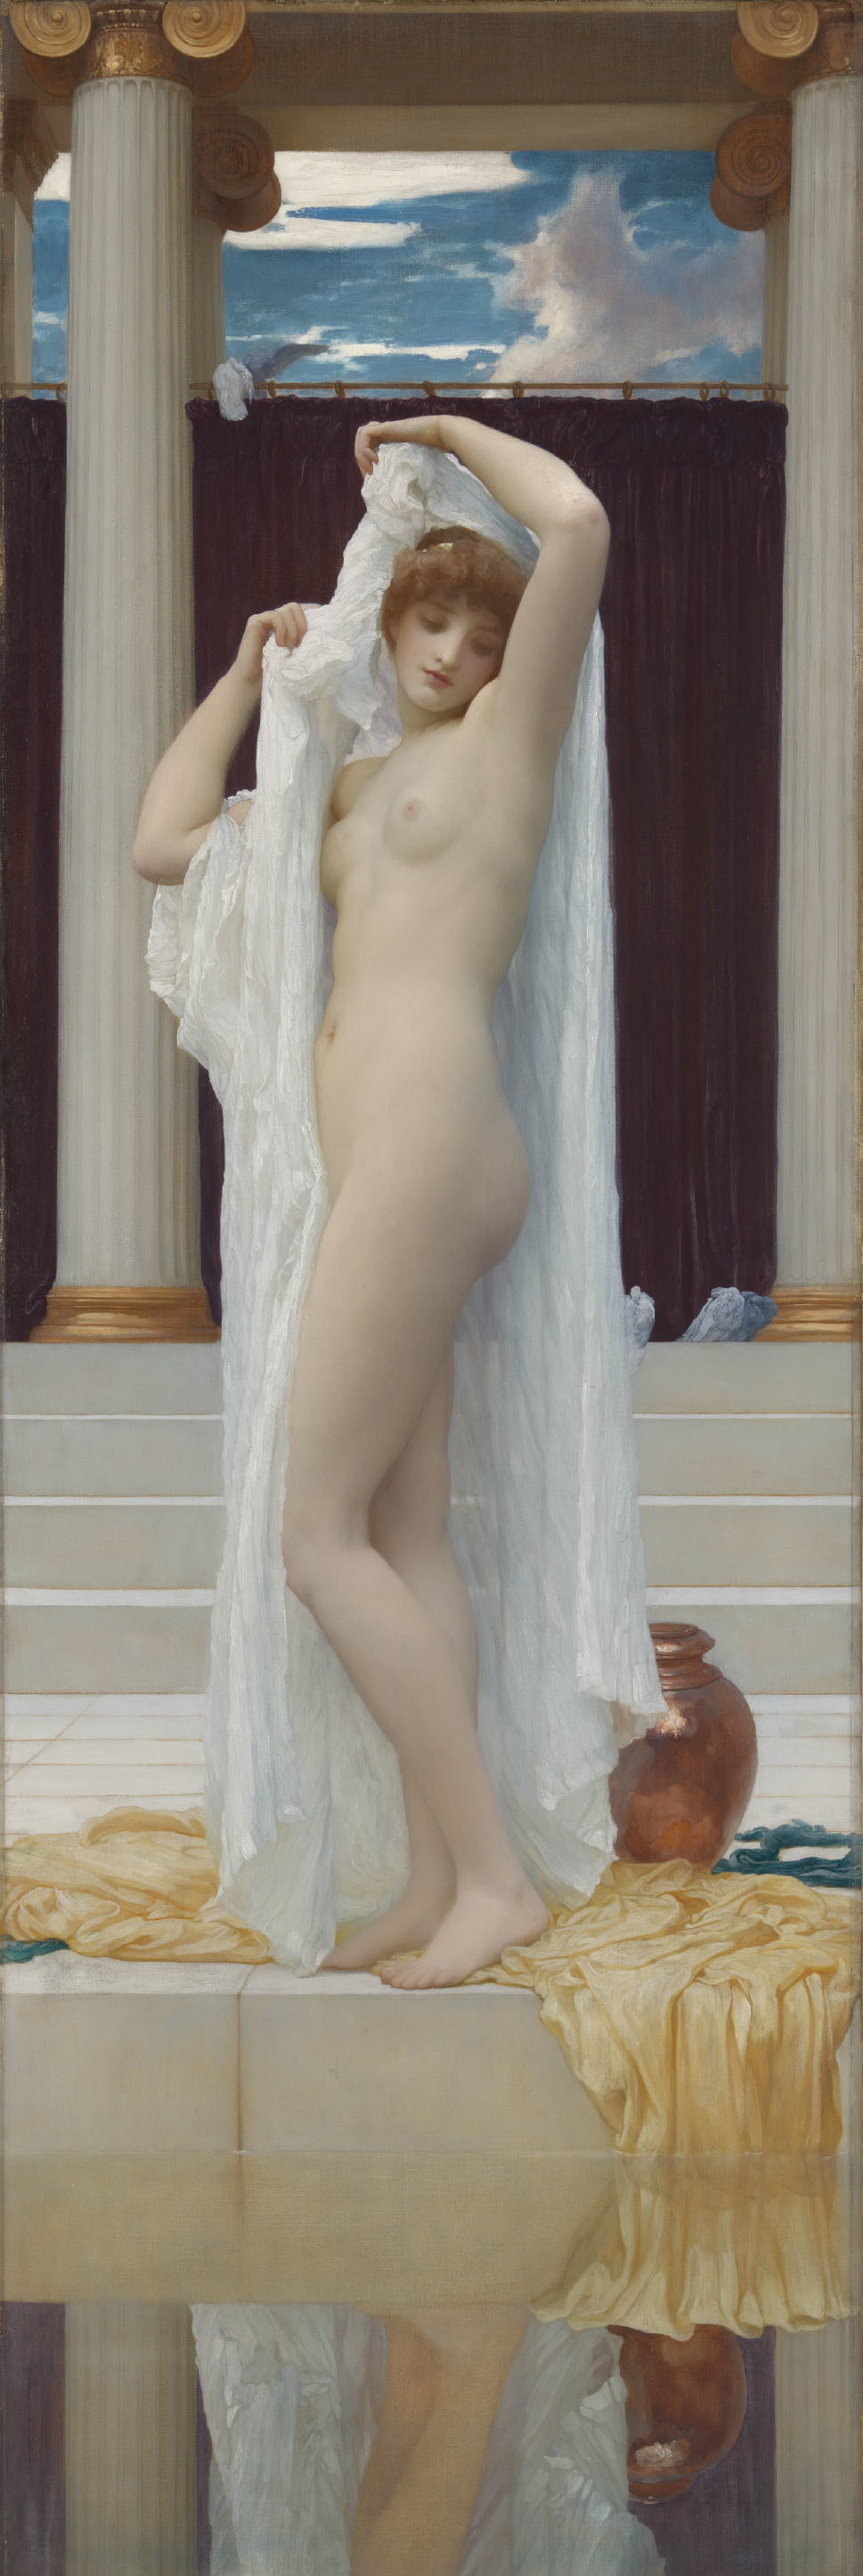 フレデリック・ロード・レイトン 《プシュケの水浴》 1890年発表 油彩/カンヴァス 189.2 × 62.2cm